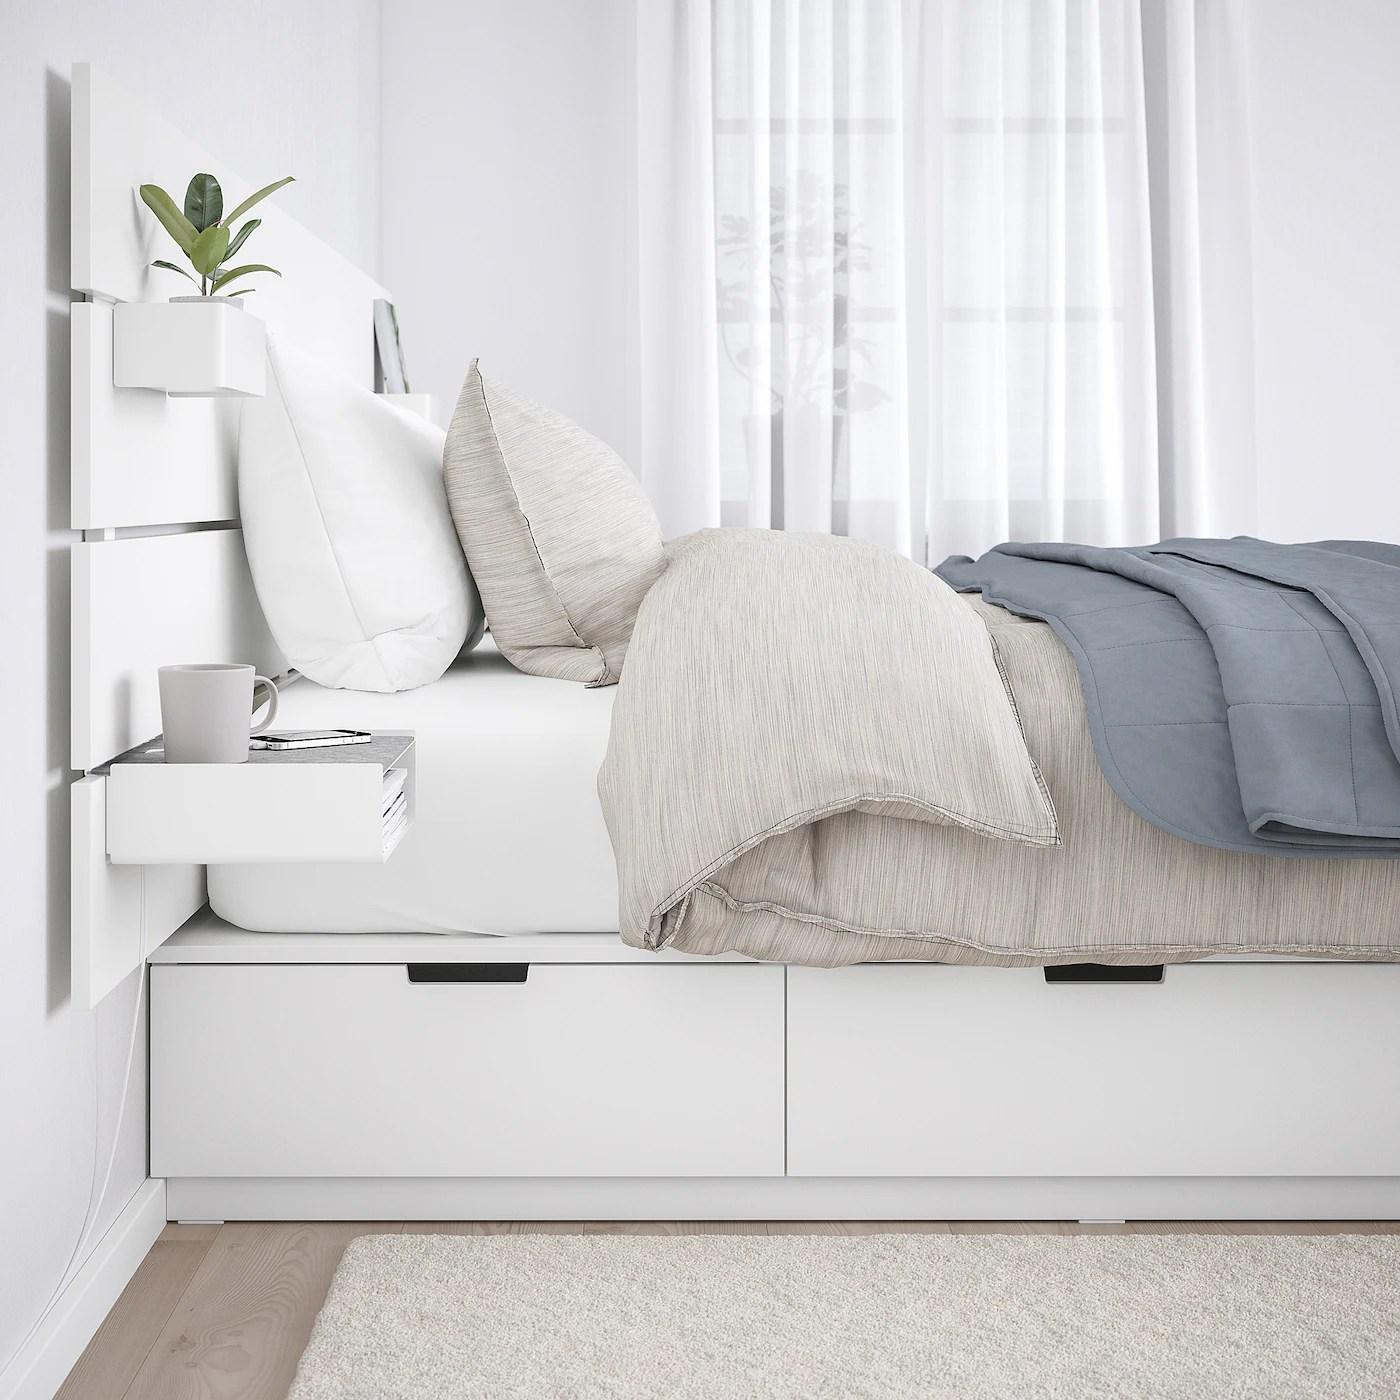 Nordli Cadre De Lit Rangement Tete De Lit Blanc Ikea Suisse